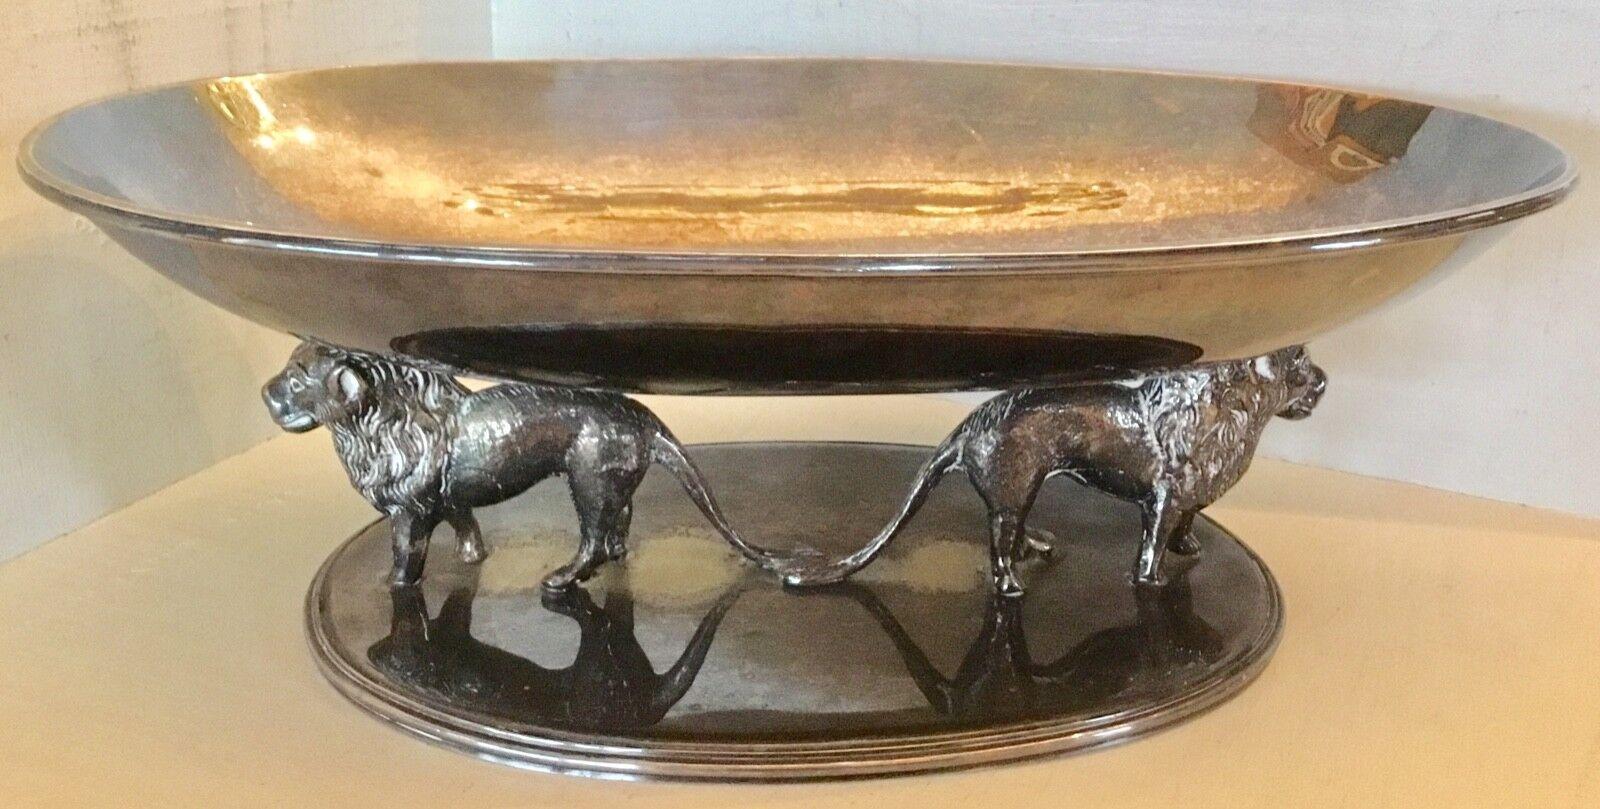 Italo VALENTI Unique high end quality table centerpiece milieu de table 1970's